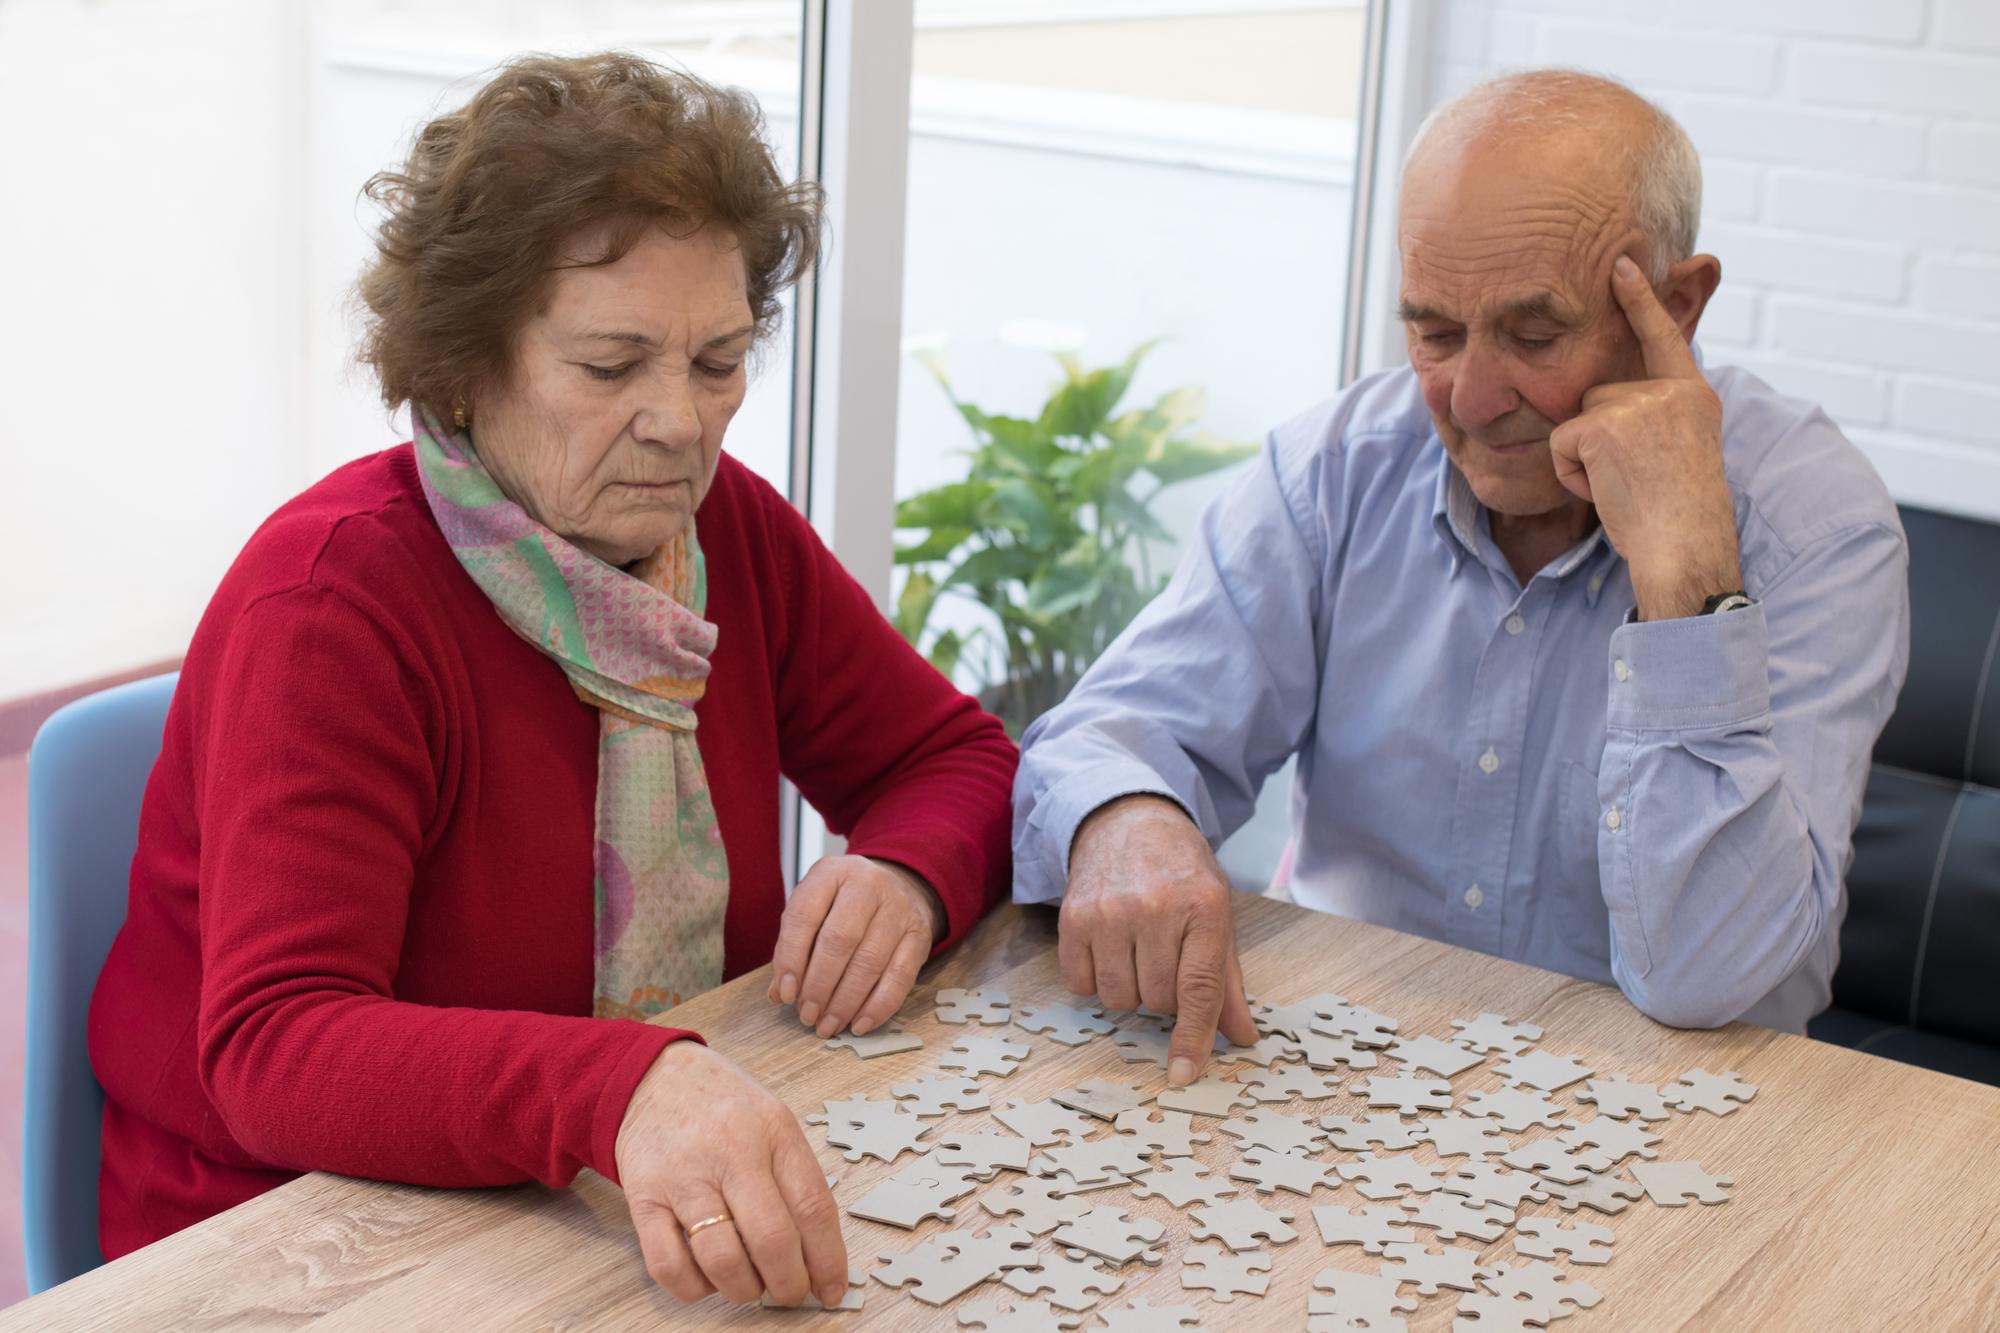 Las Mejores Herramientas Técnicas Y Juegos Para Prevenir La Pérdida De Memoria